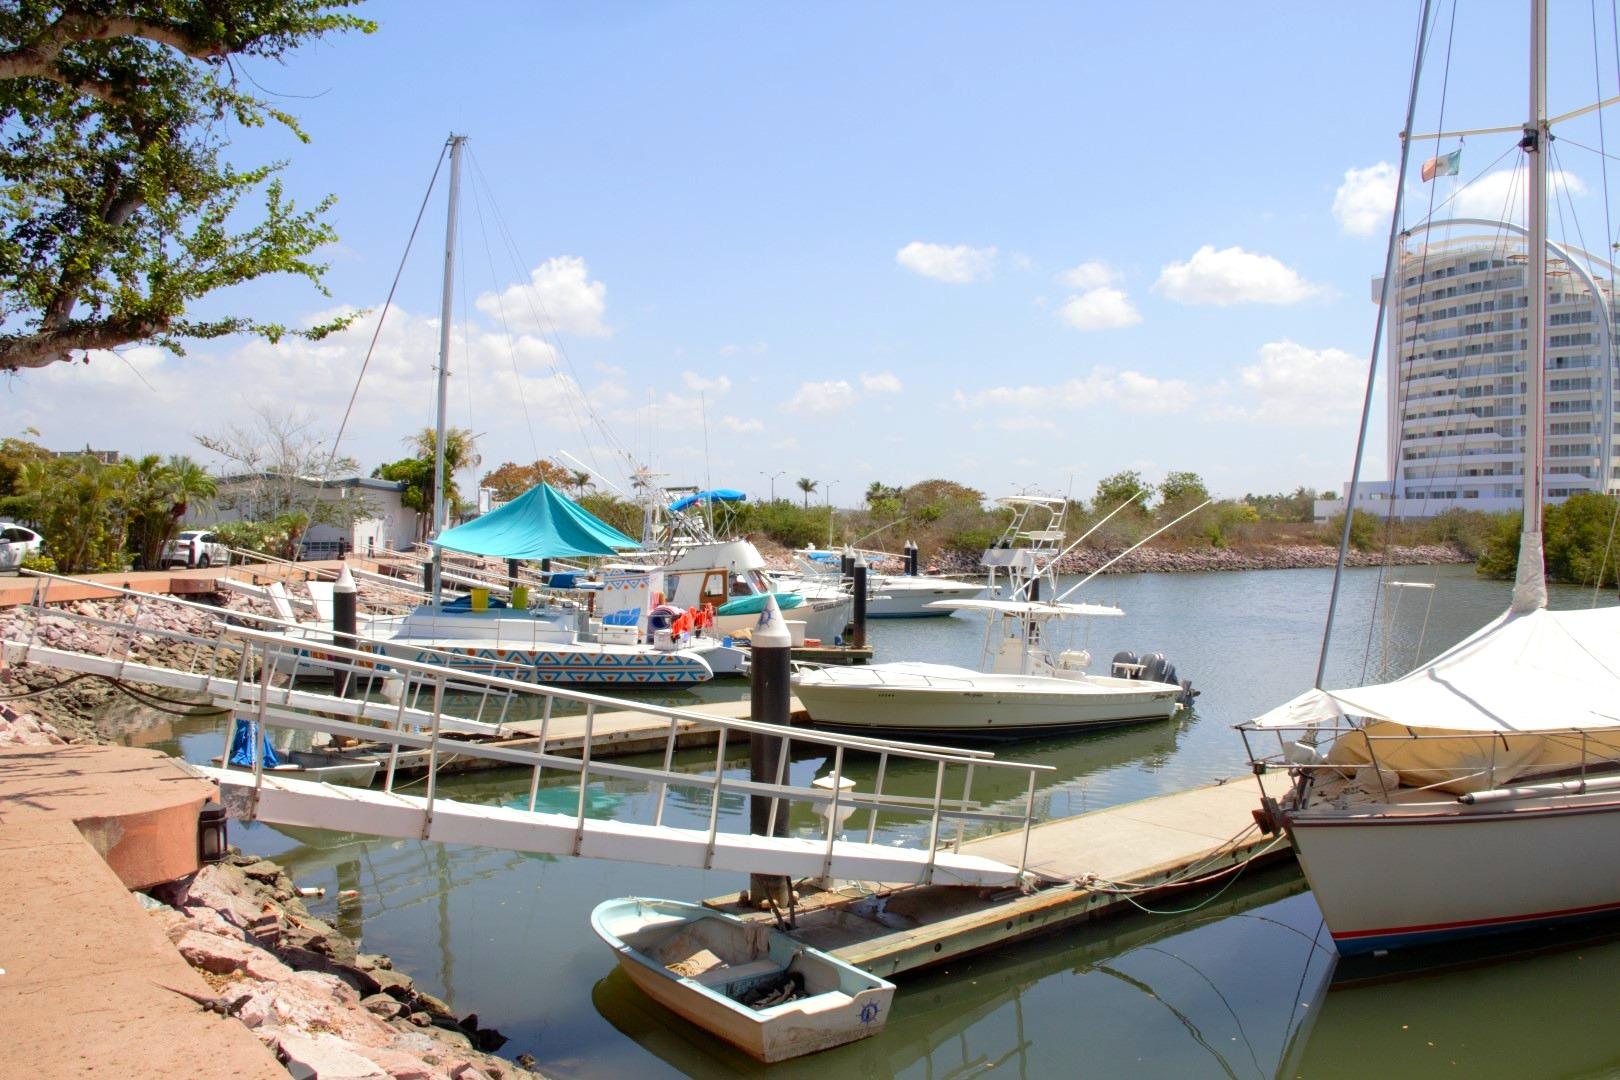 Marina access and boardwalk.